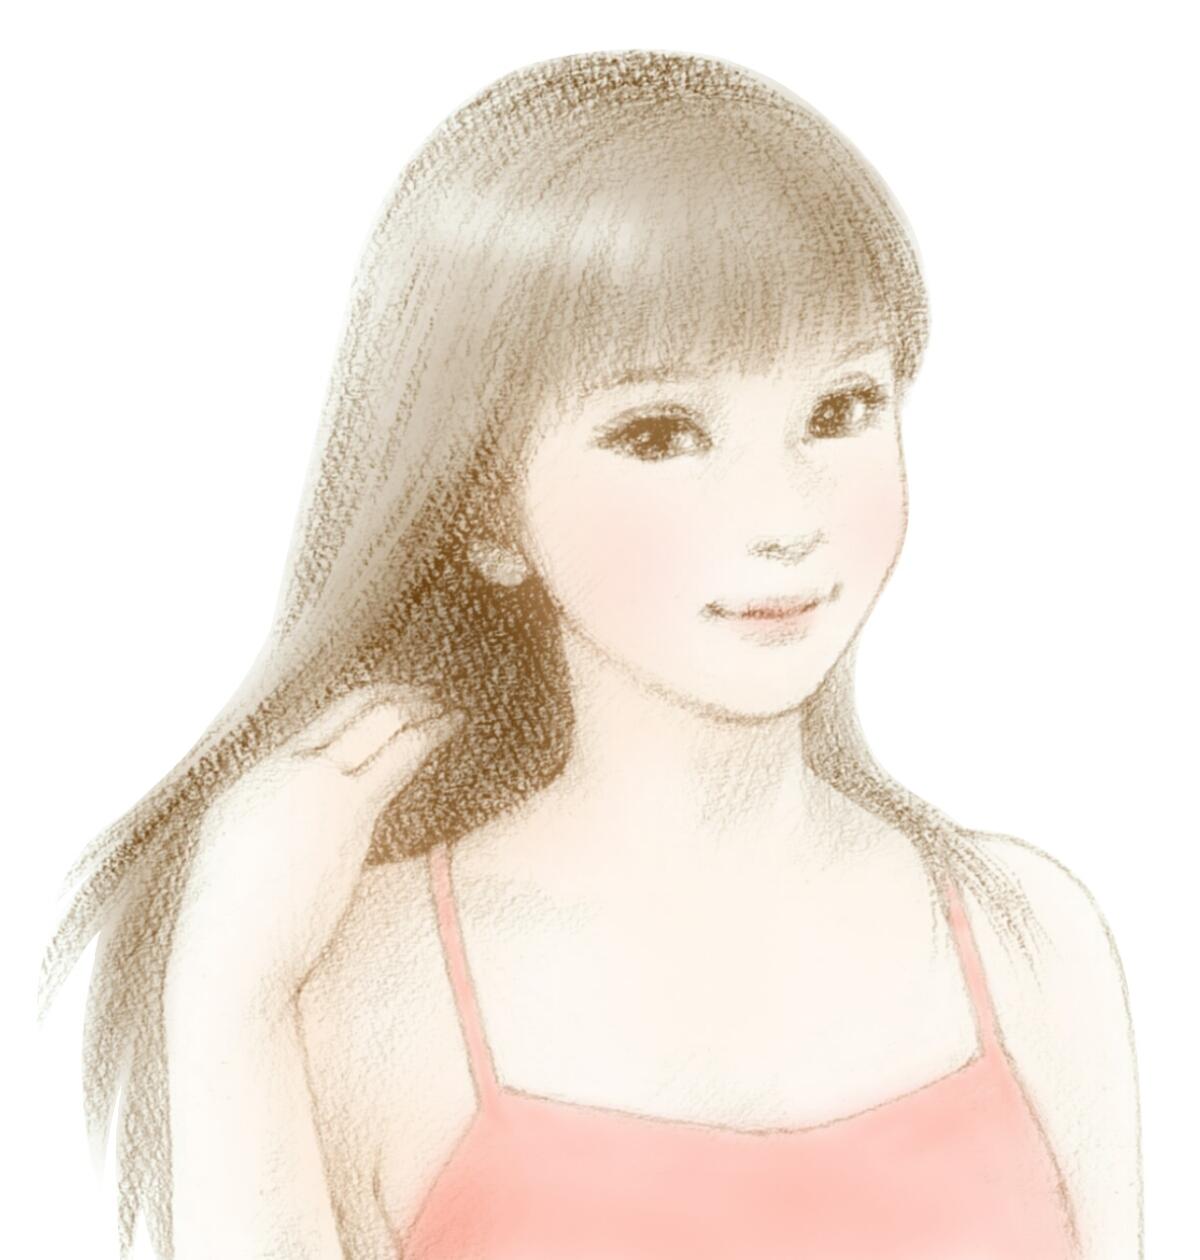 右手で髪の毛を少しだけかき上げるイラスト女性